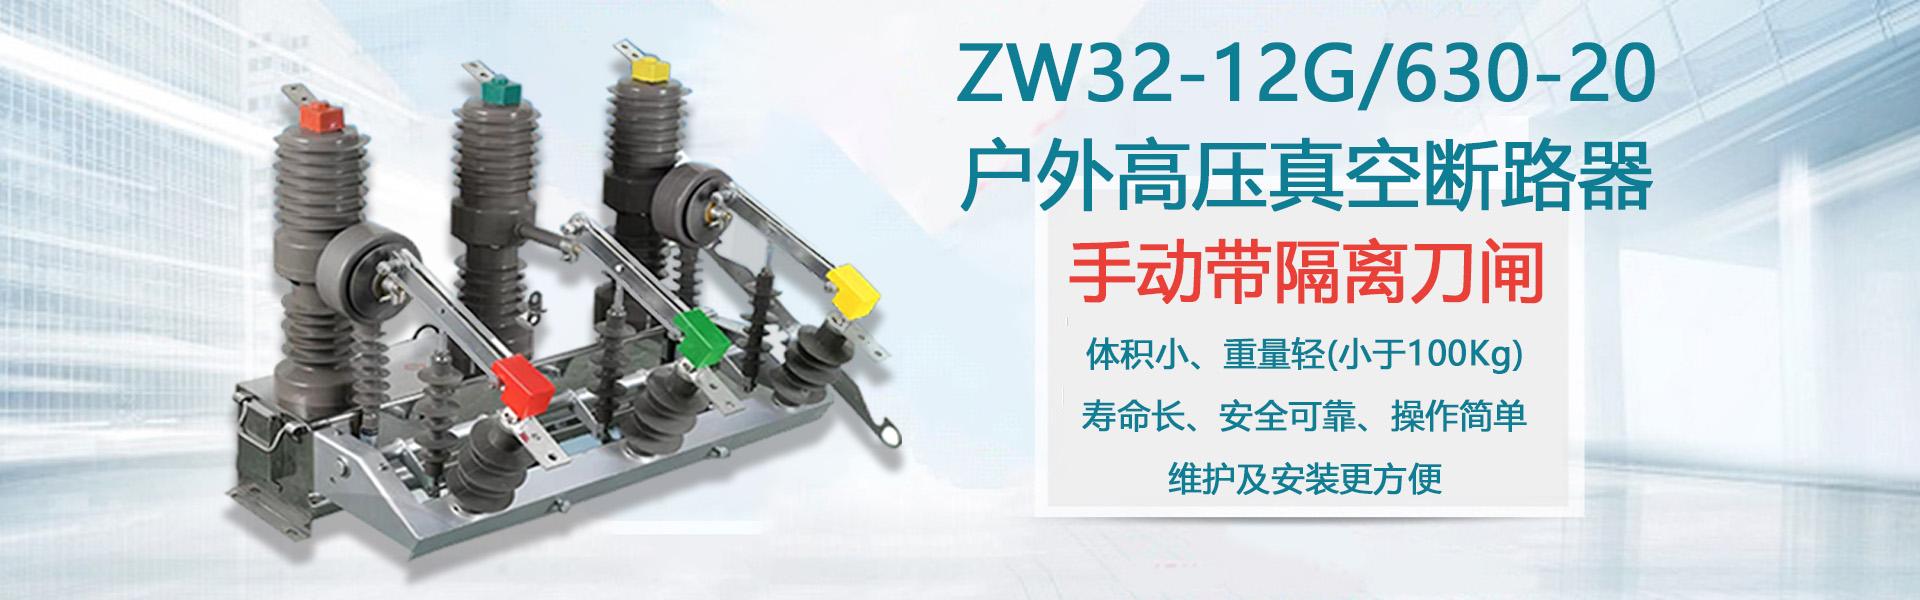 ZW32-12G/630-20KA户外高压真空断路器